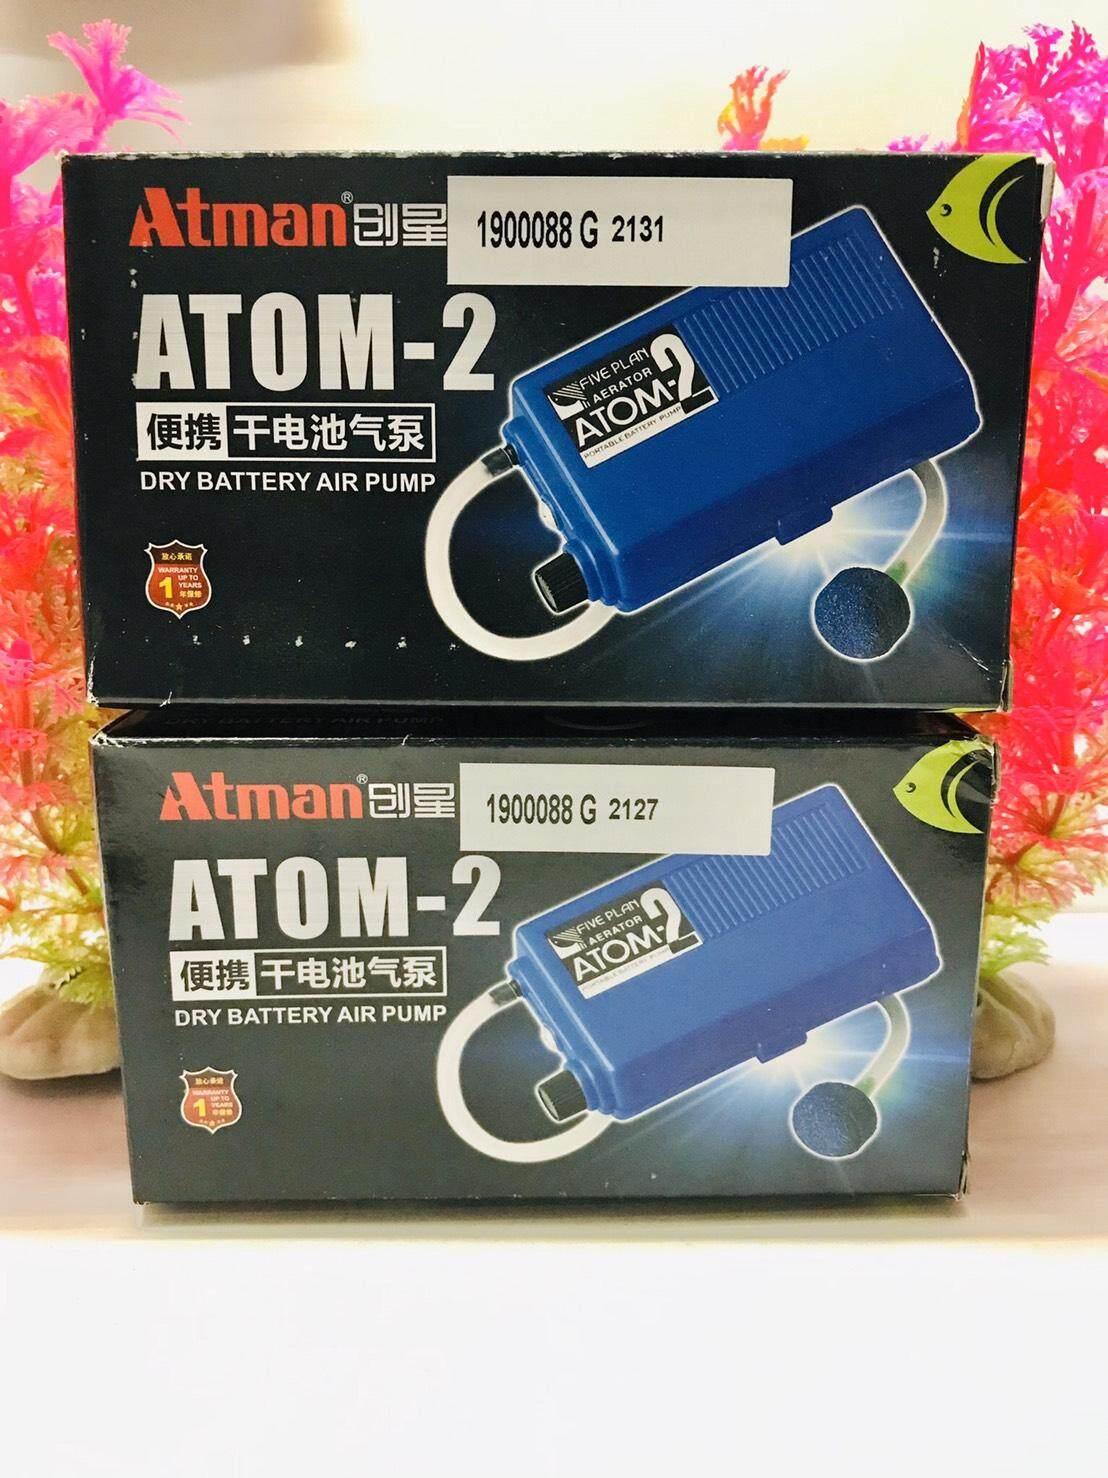 ATOM-2 ปั๊มลม ใส่ถ่าน แบบพกพา